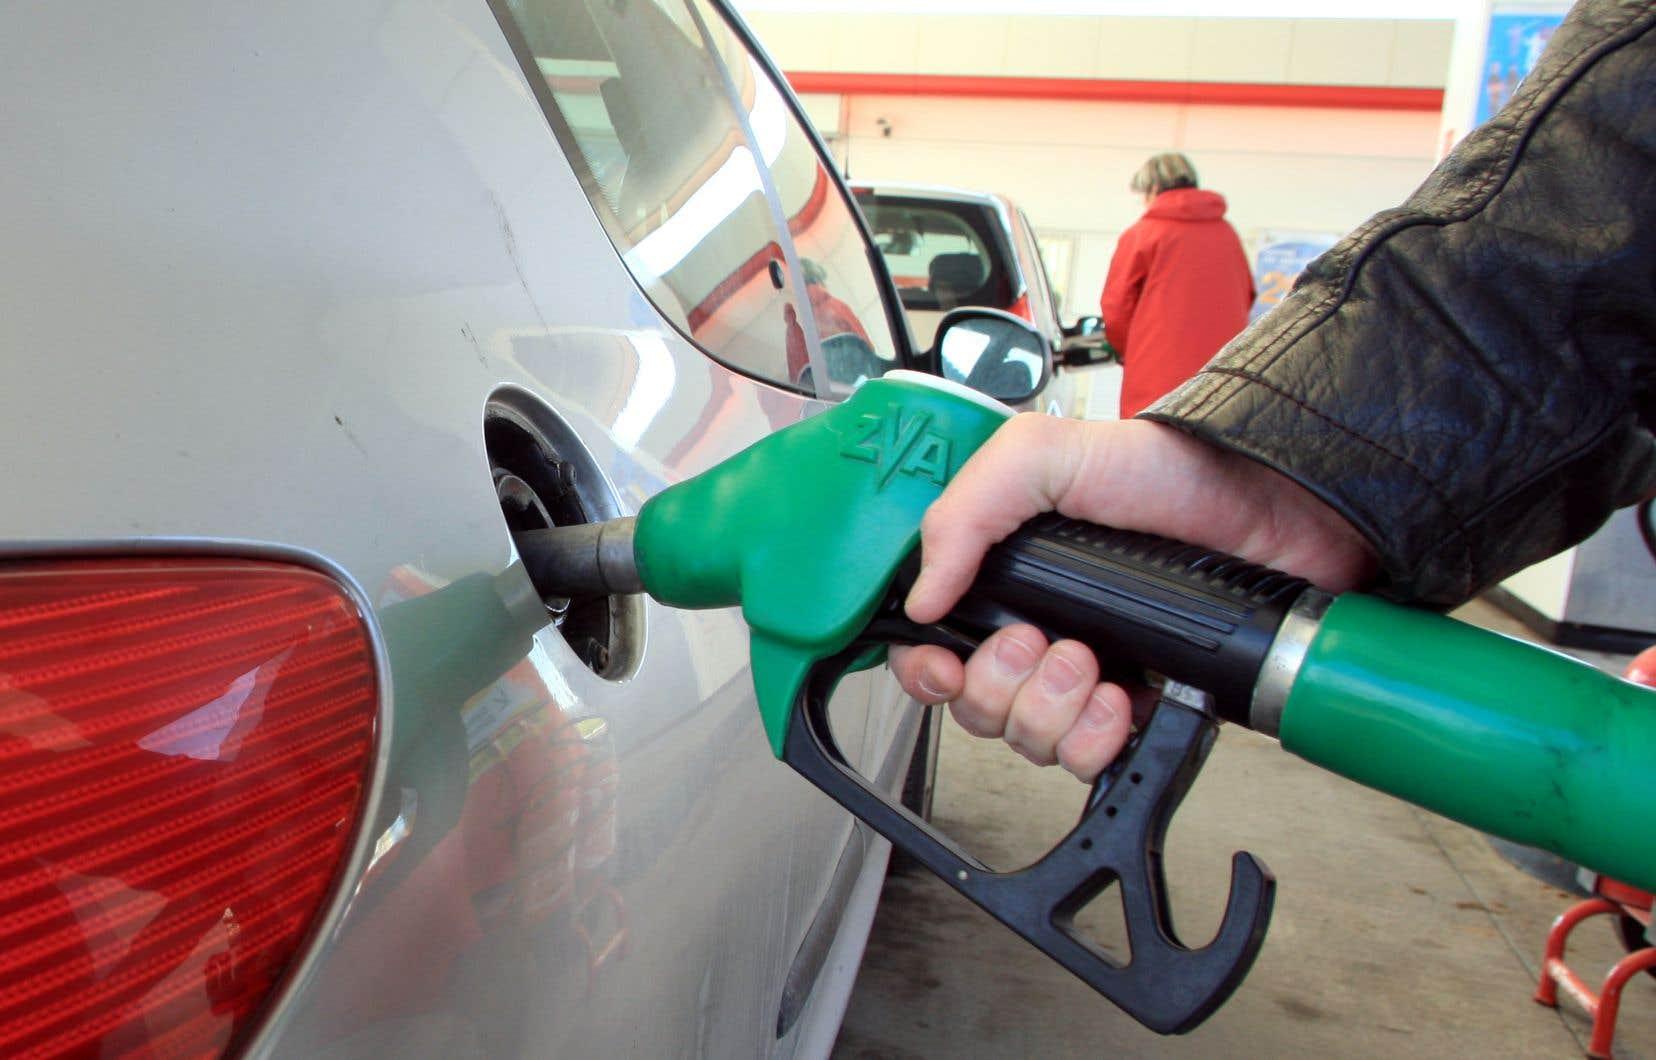 Les six provinces qui ont vu l'instauration ou l'augmentation des redevances sur le carbone en avril ont enregistré des hausses plus importantes des prix à la pompe d'un mois à l'autre, a précisé Statistique Canada dans son rapport.